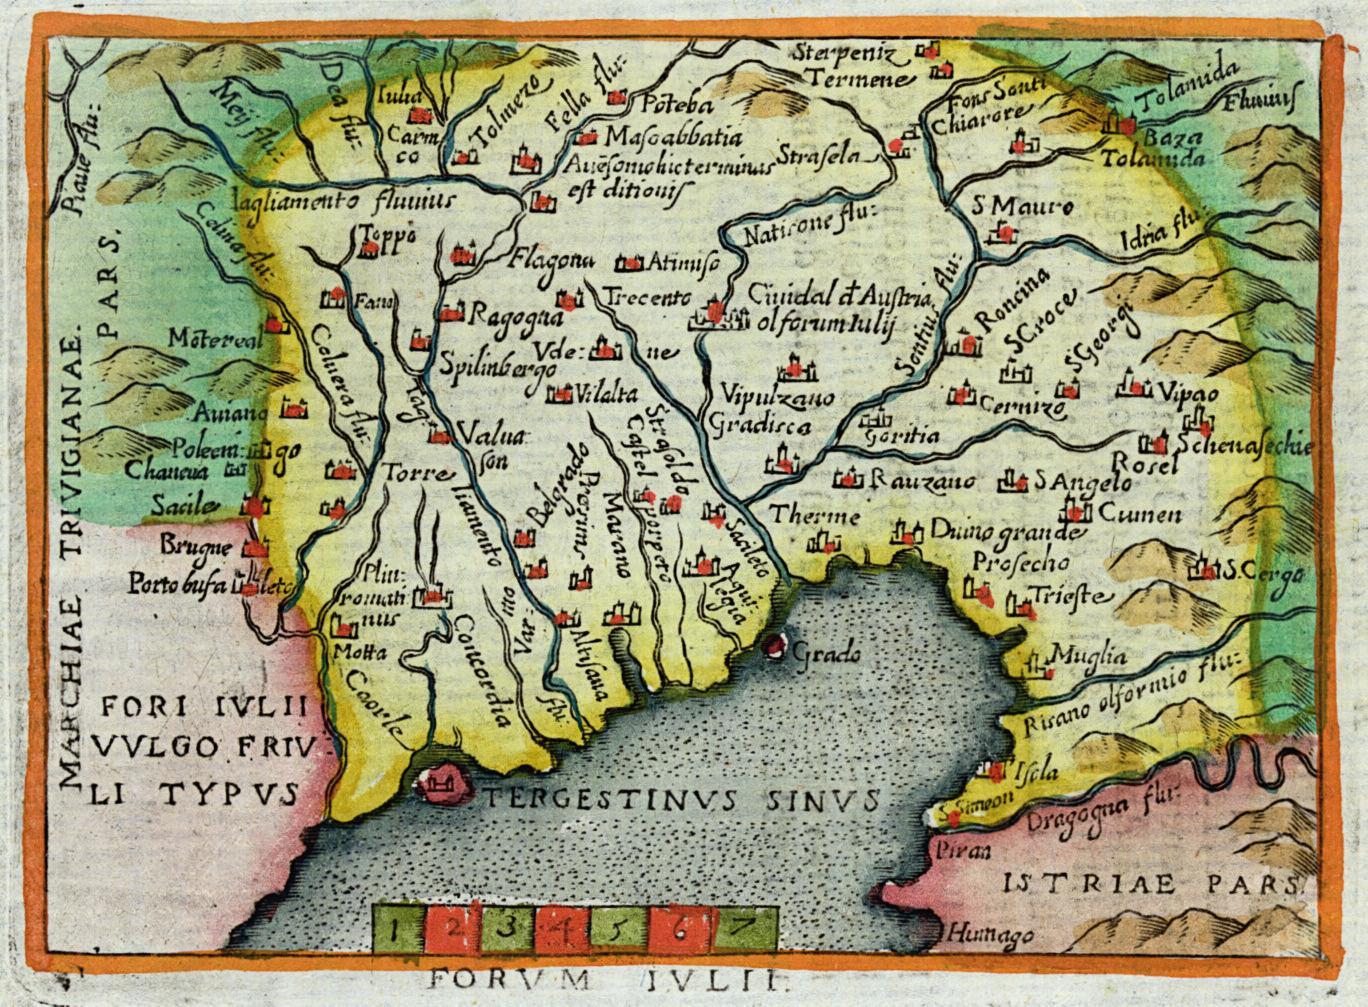 Cartina Del Veneto E Friuli.Dizionario Biografico Dei Friulani